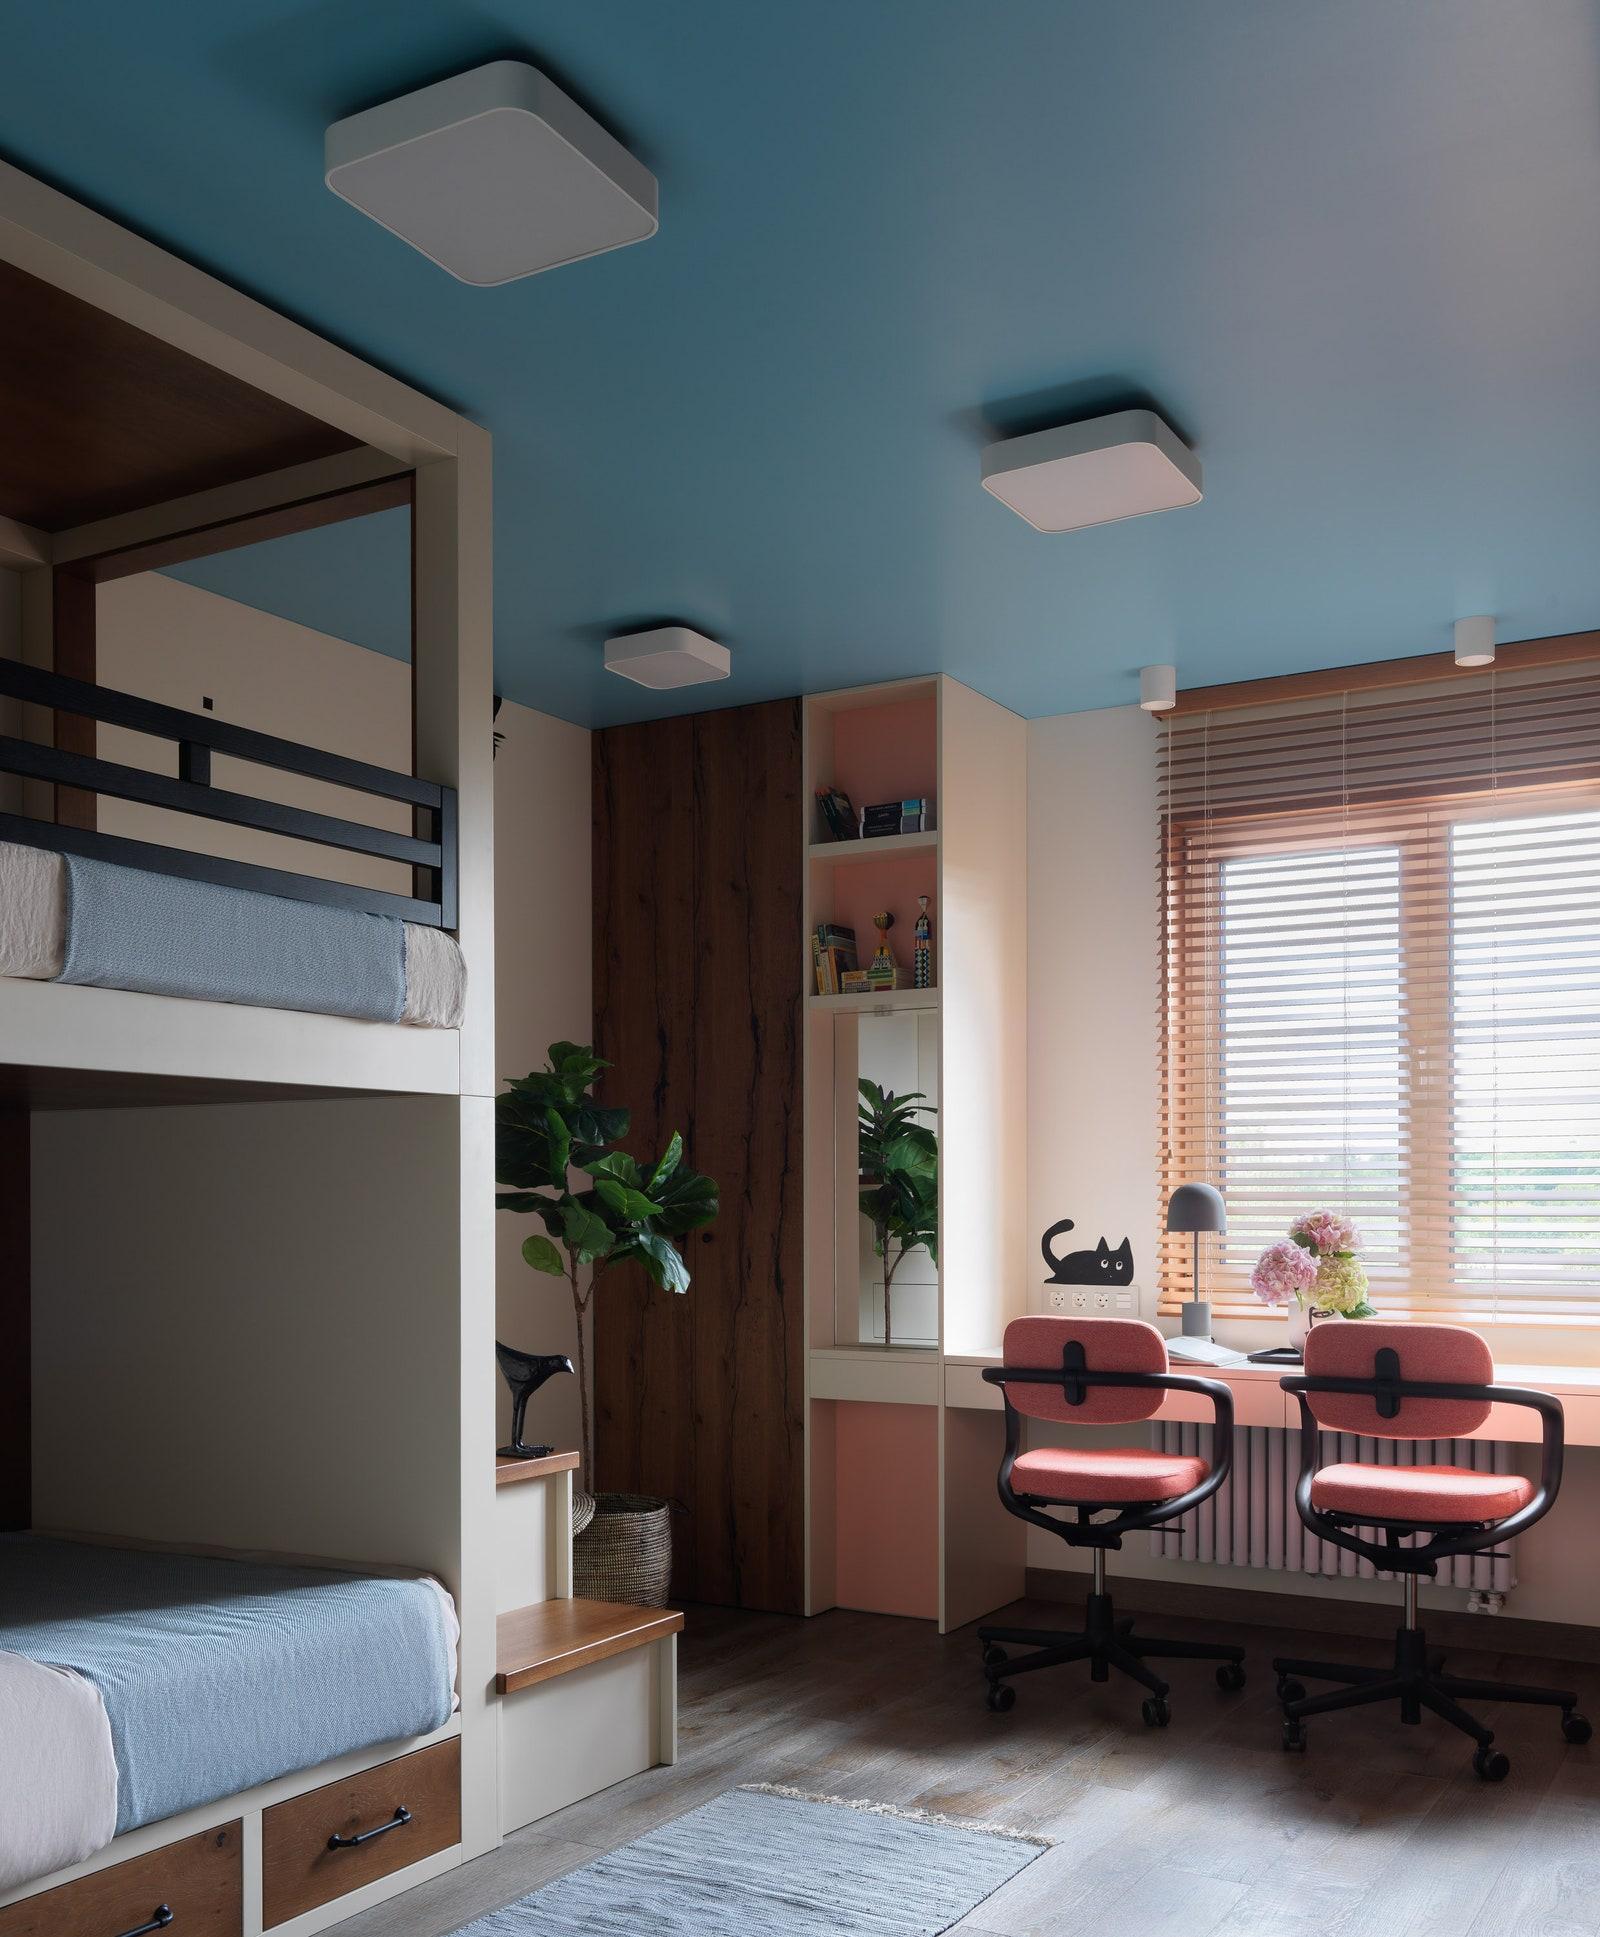 .  Vitra   Coulisse  Centrsvet  Moonstores Barcelona Design Afro Home Vitra  Empire Design.